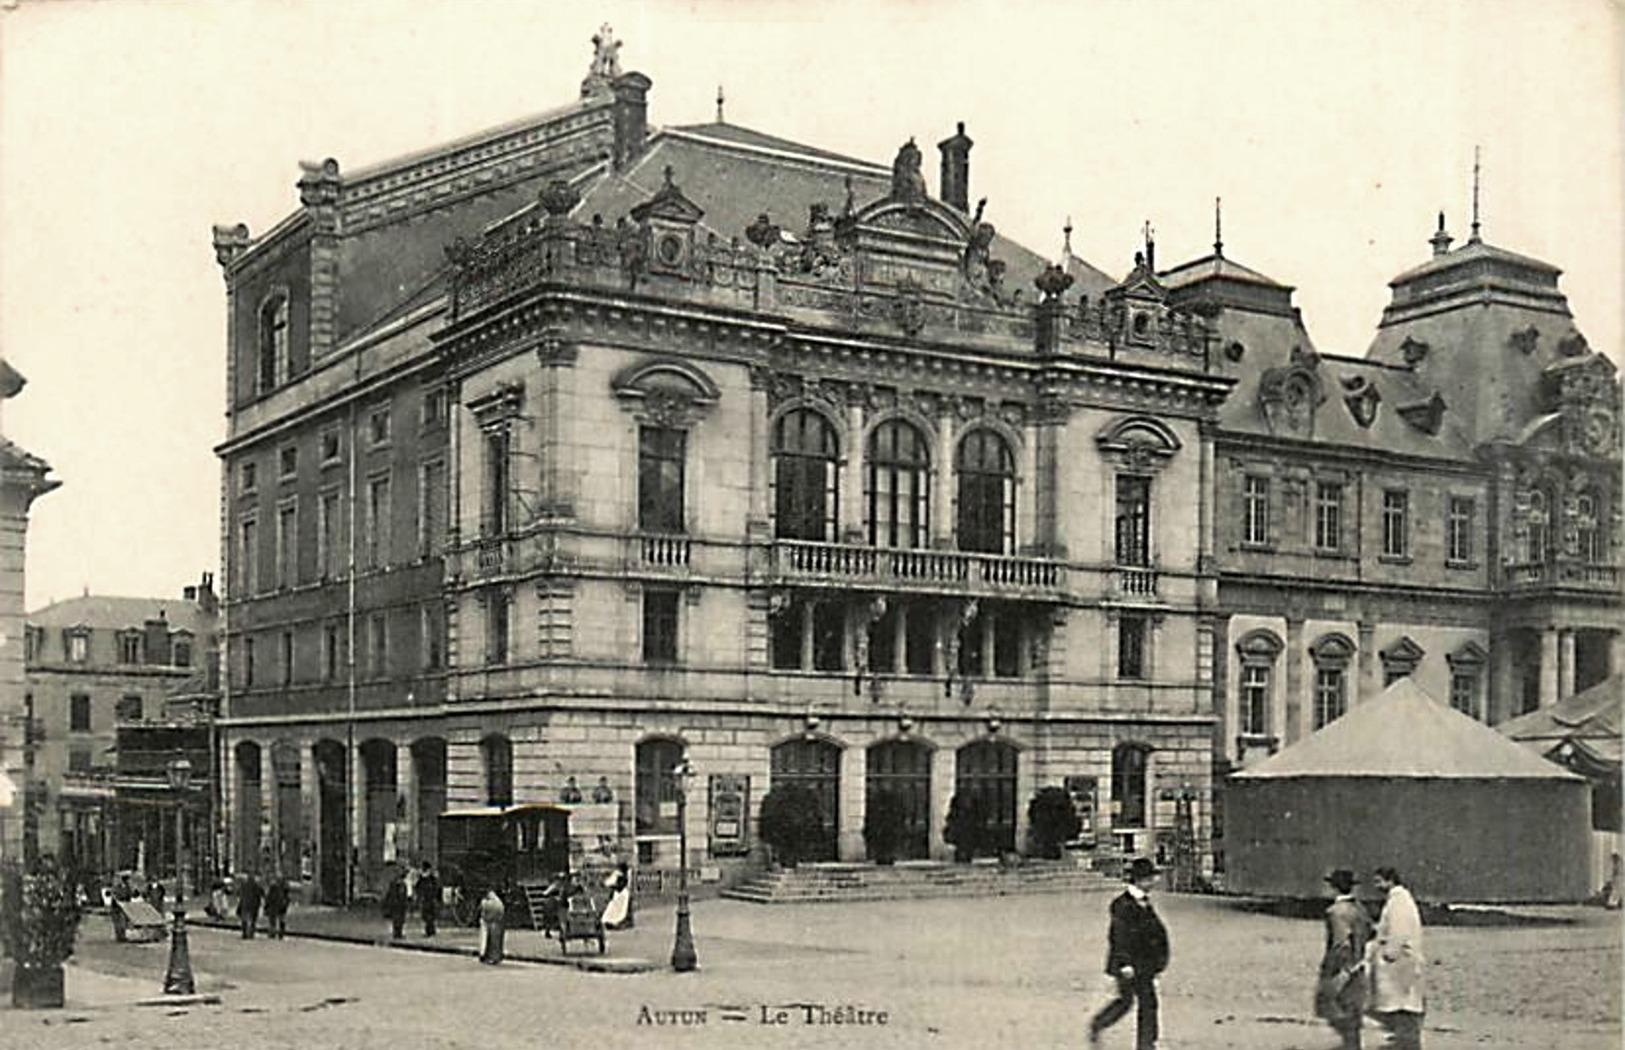 Autun (Saône-et-Loire) Le théâtre CPA